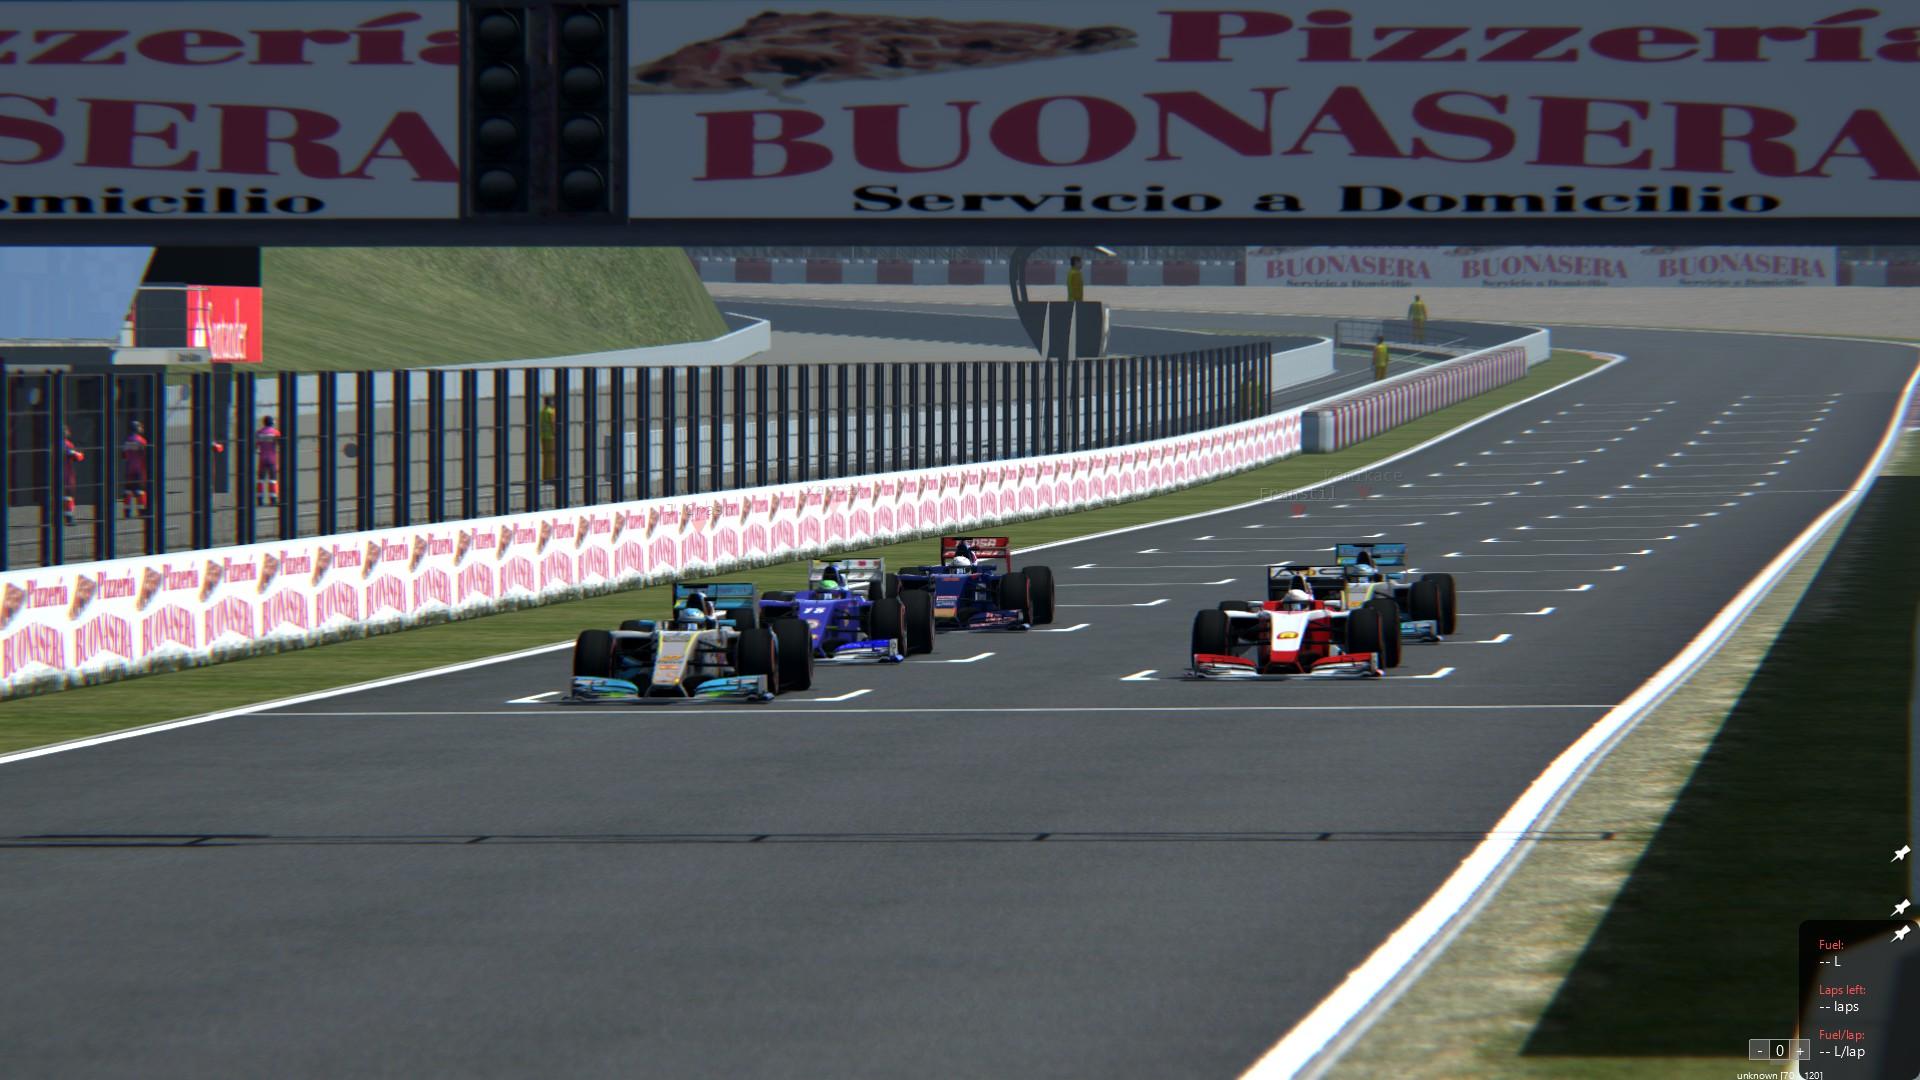 Gp de España F1 Paralela Assetto F1 Spain  9116DE60CAB3C5641C8DB3239AD51D4A8803D8C5